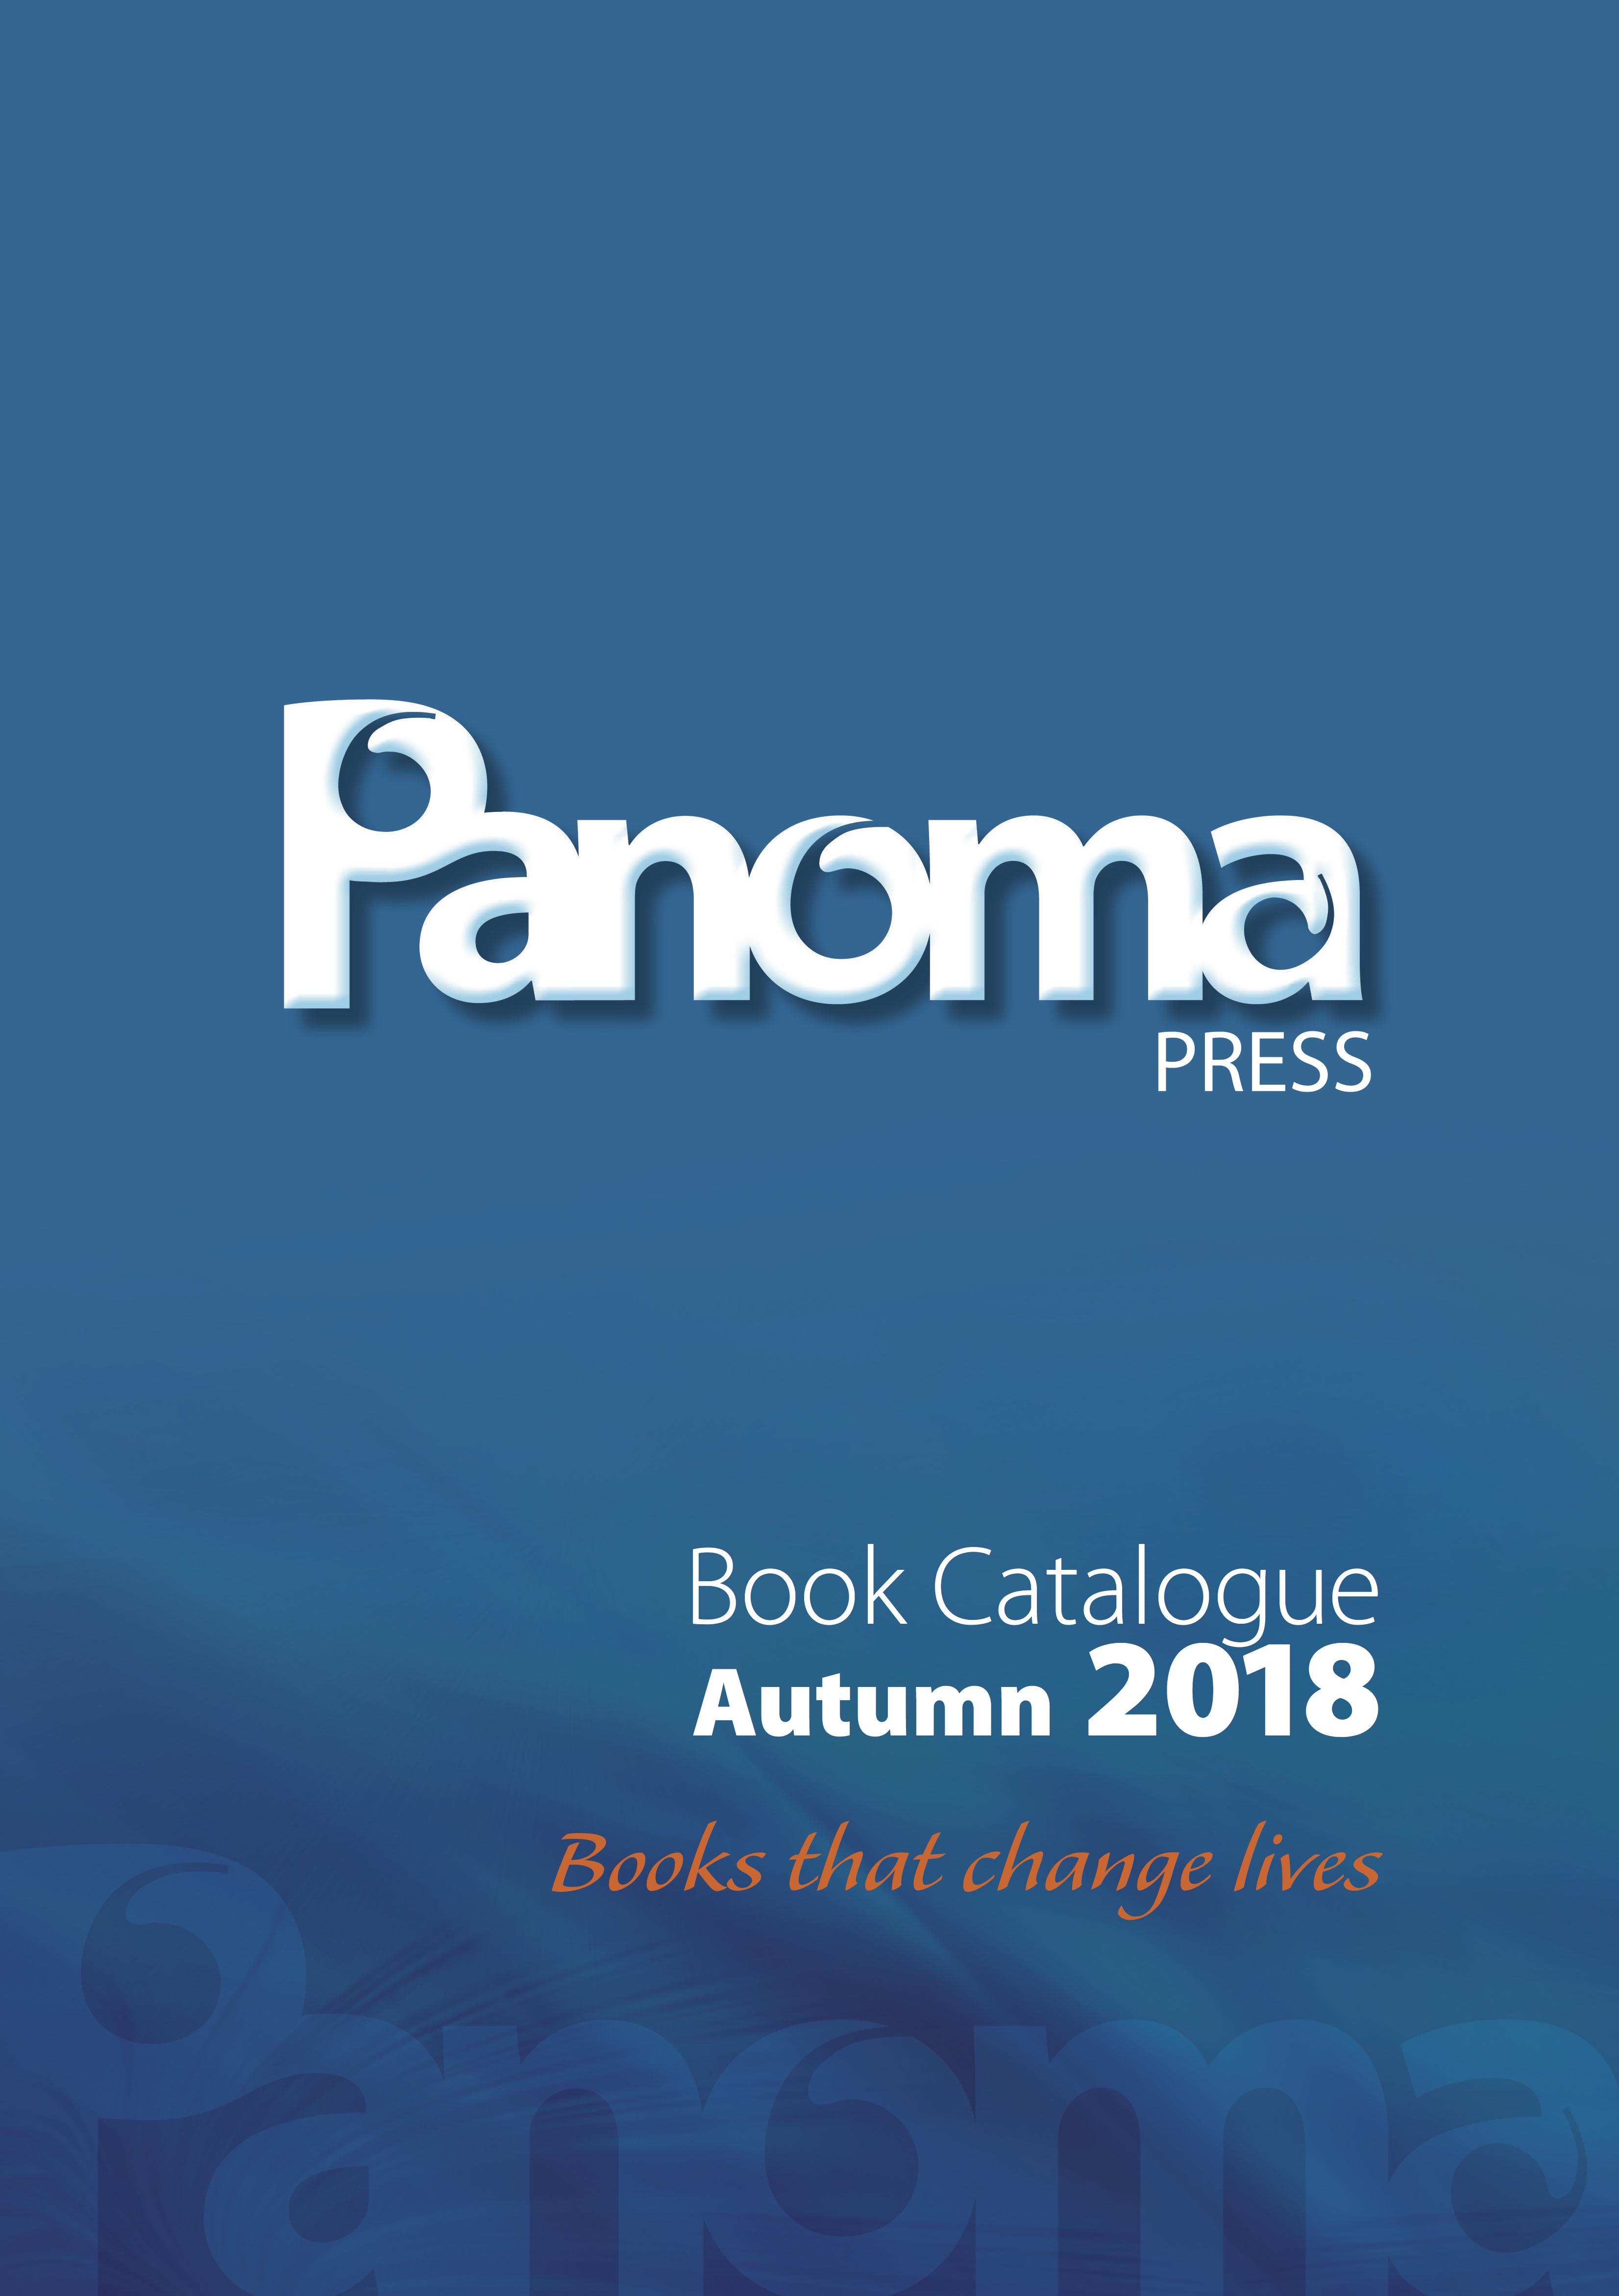 Panoma-Autumn-2018